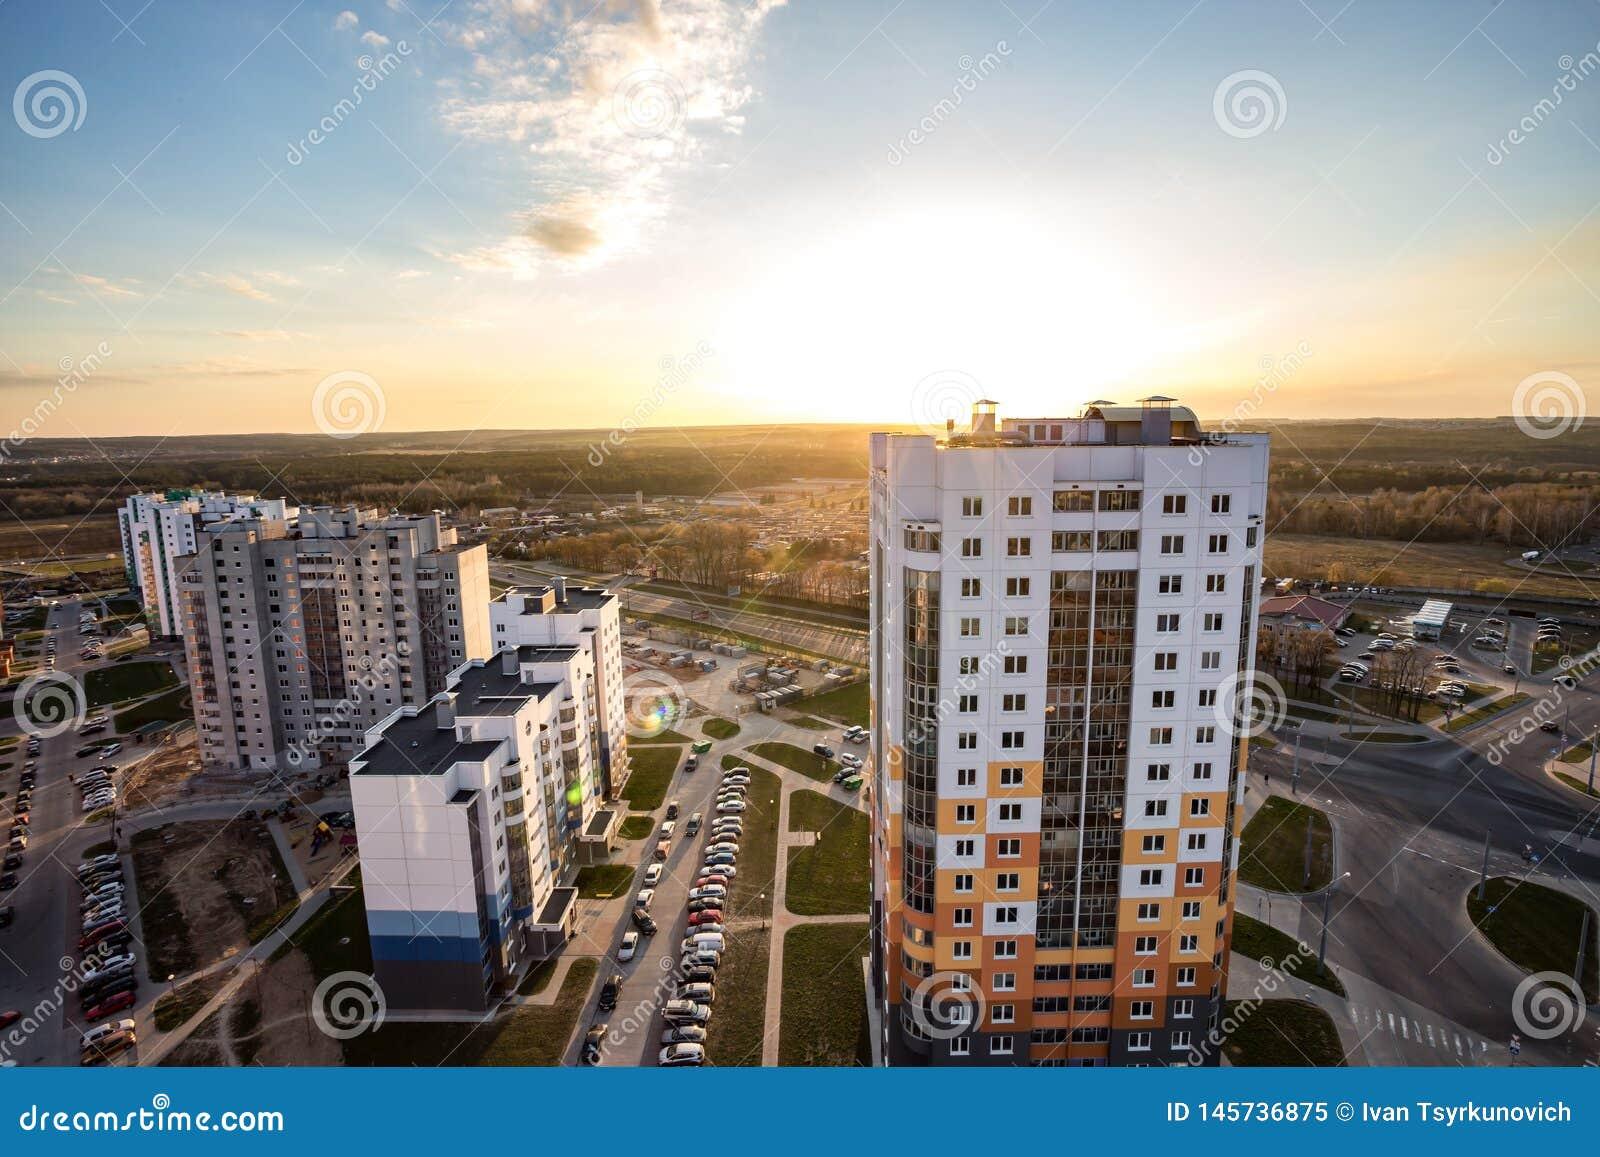 GRODNO, БЕЛАРУСЬ - АПРЕЛЬ 2019: Панорамный вид на квартале нового квартального городского развития района многоэтажного здания жи